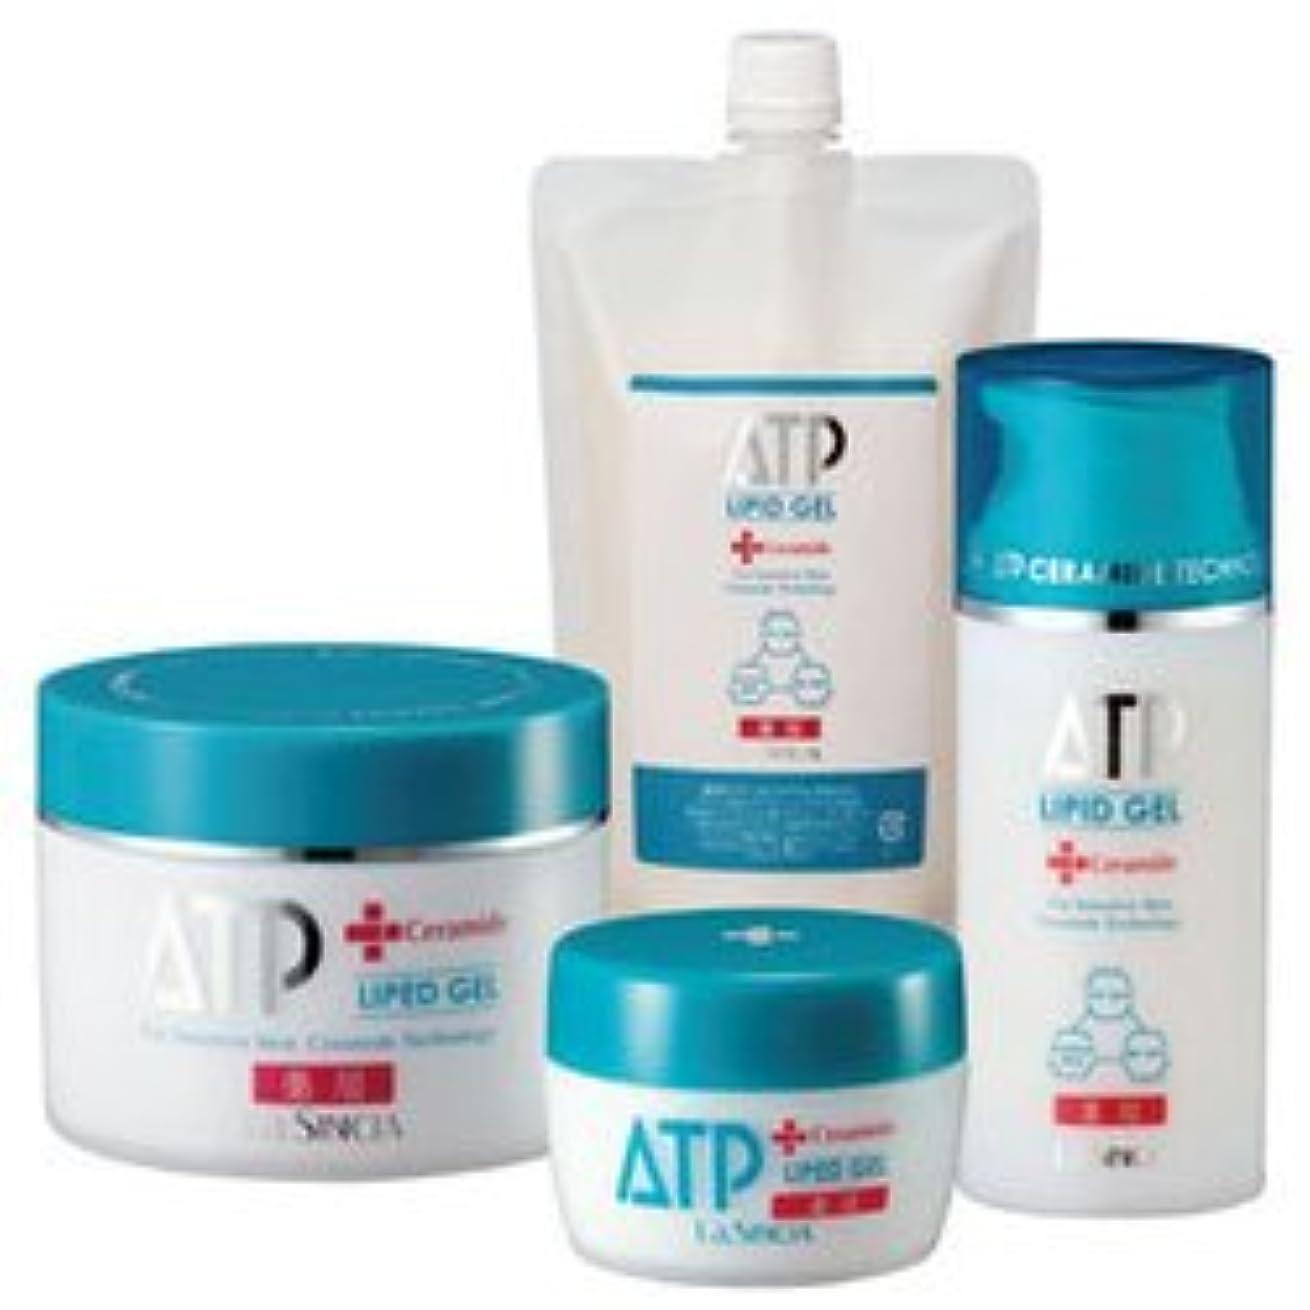 汗留め金インポートラシンシア 薬用 ATP リピッドゲル 100g